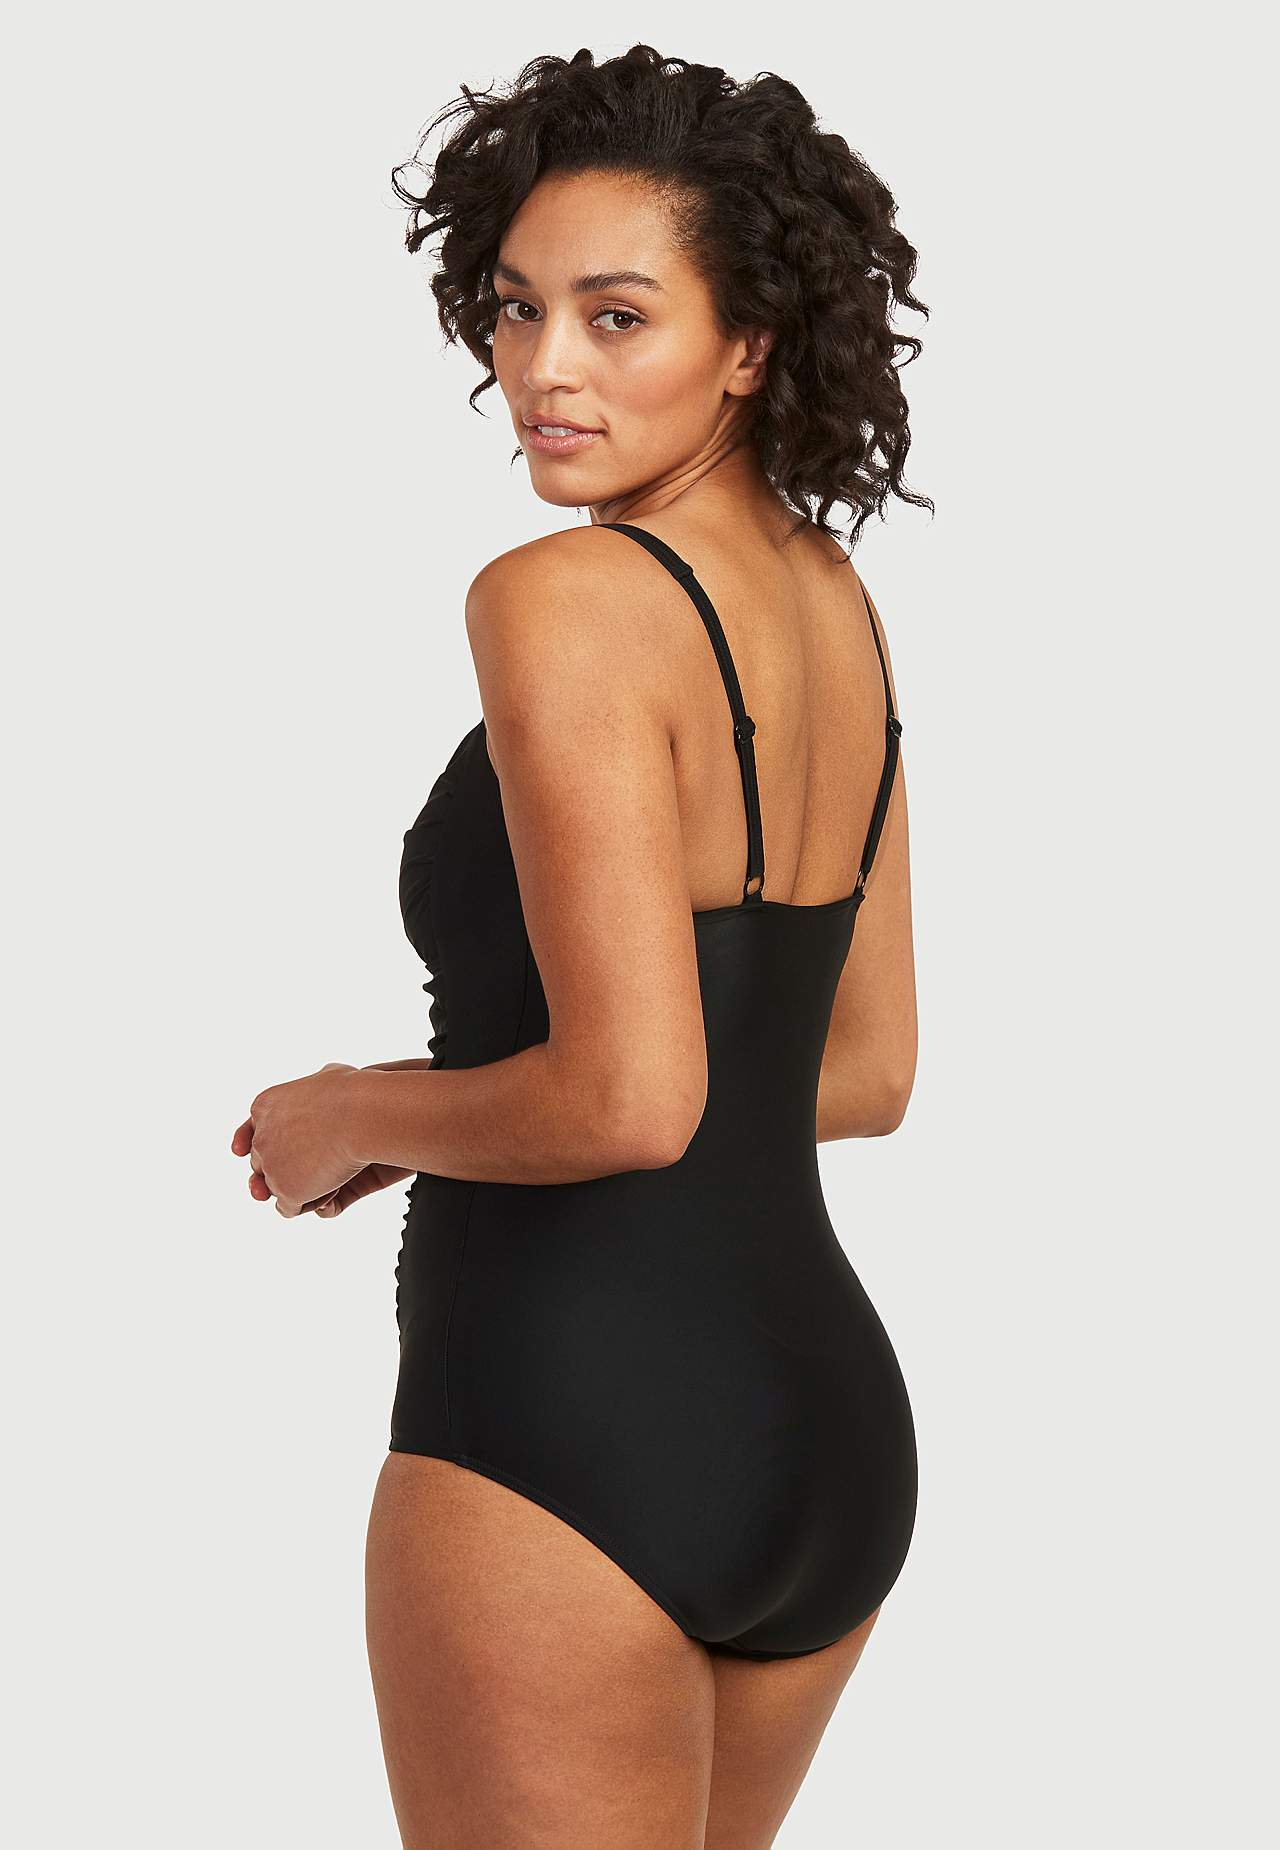 Czarny kostium modelujący